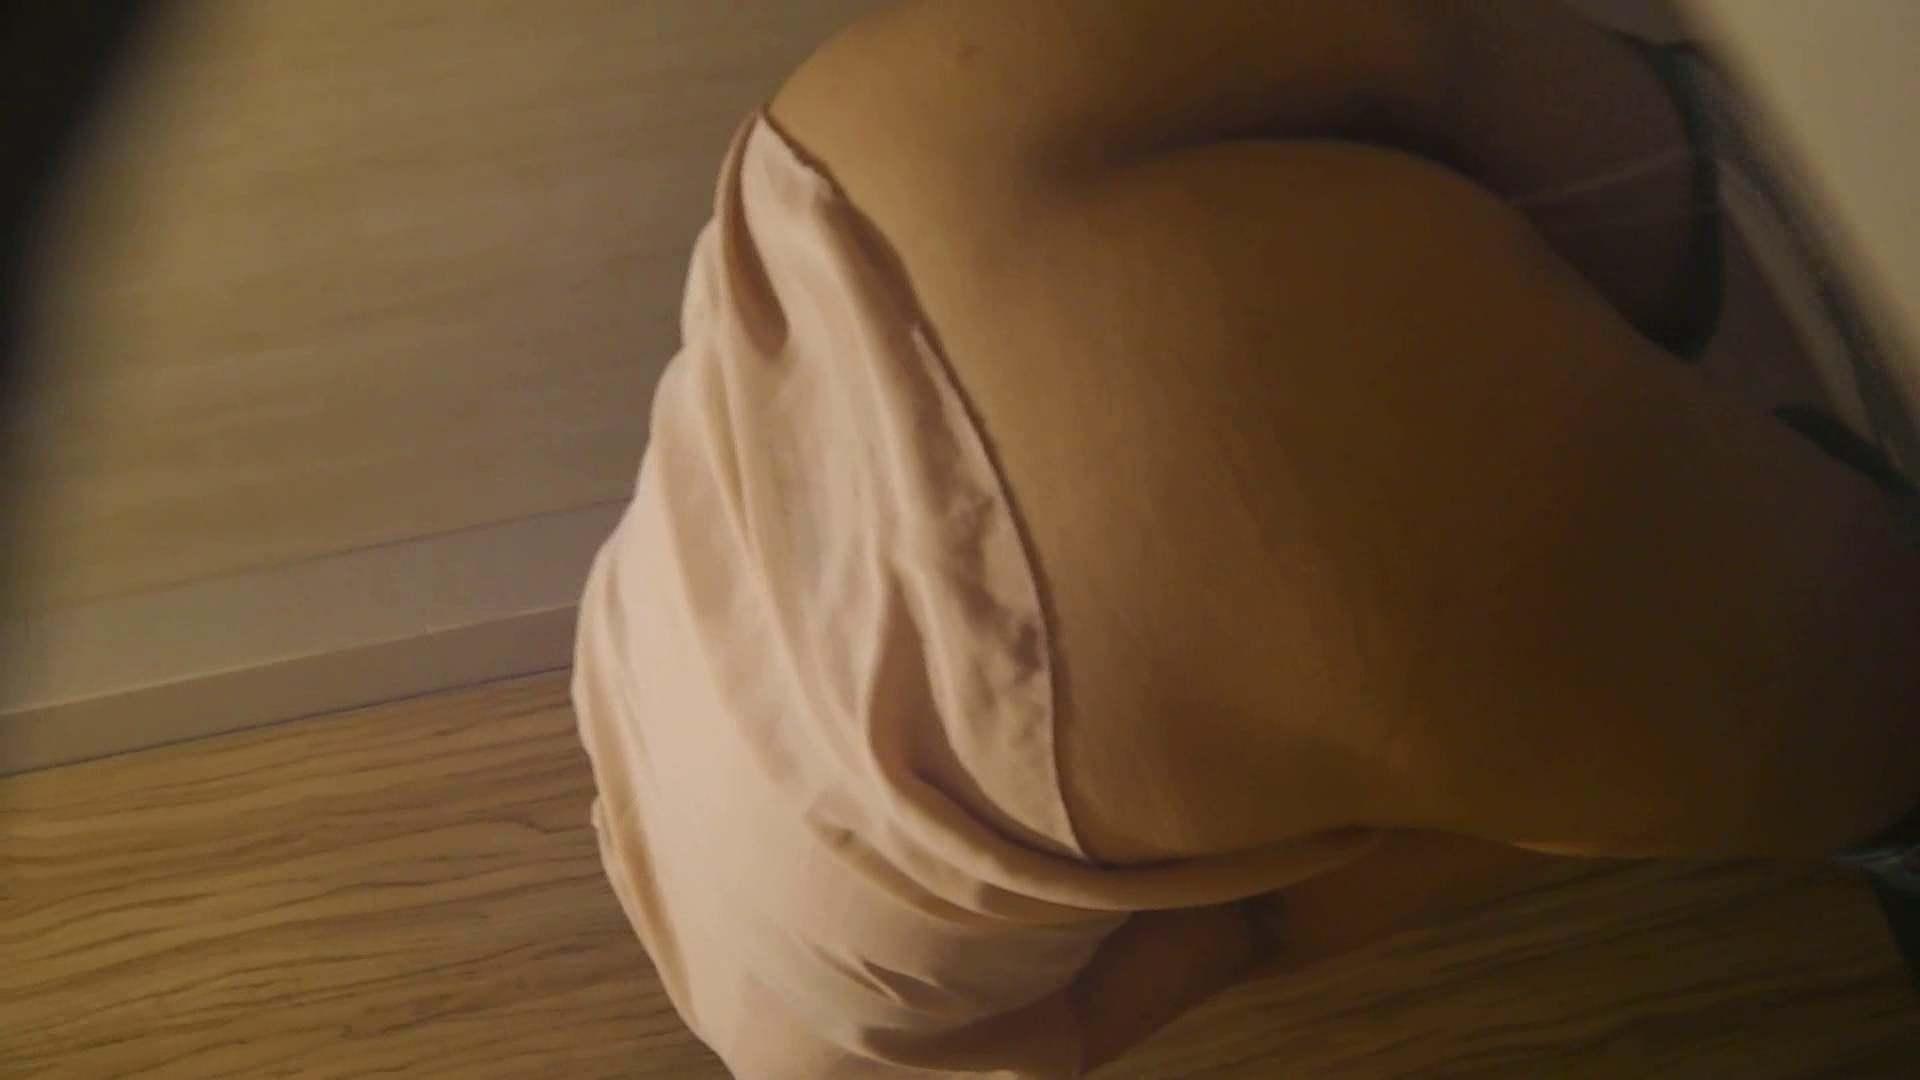 阿国ちゃんの「和式洋式七変化」No.18 iBO(フタコブ) 盛合せ SEX無修正画像 98画像 27